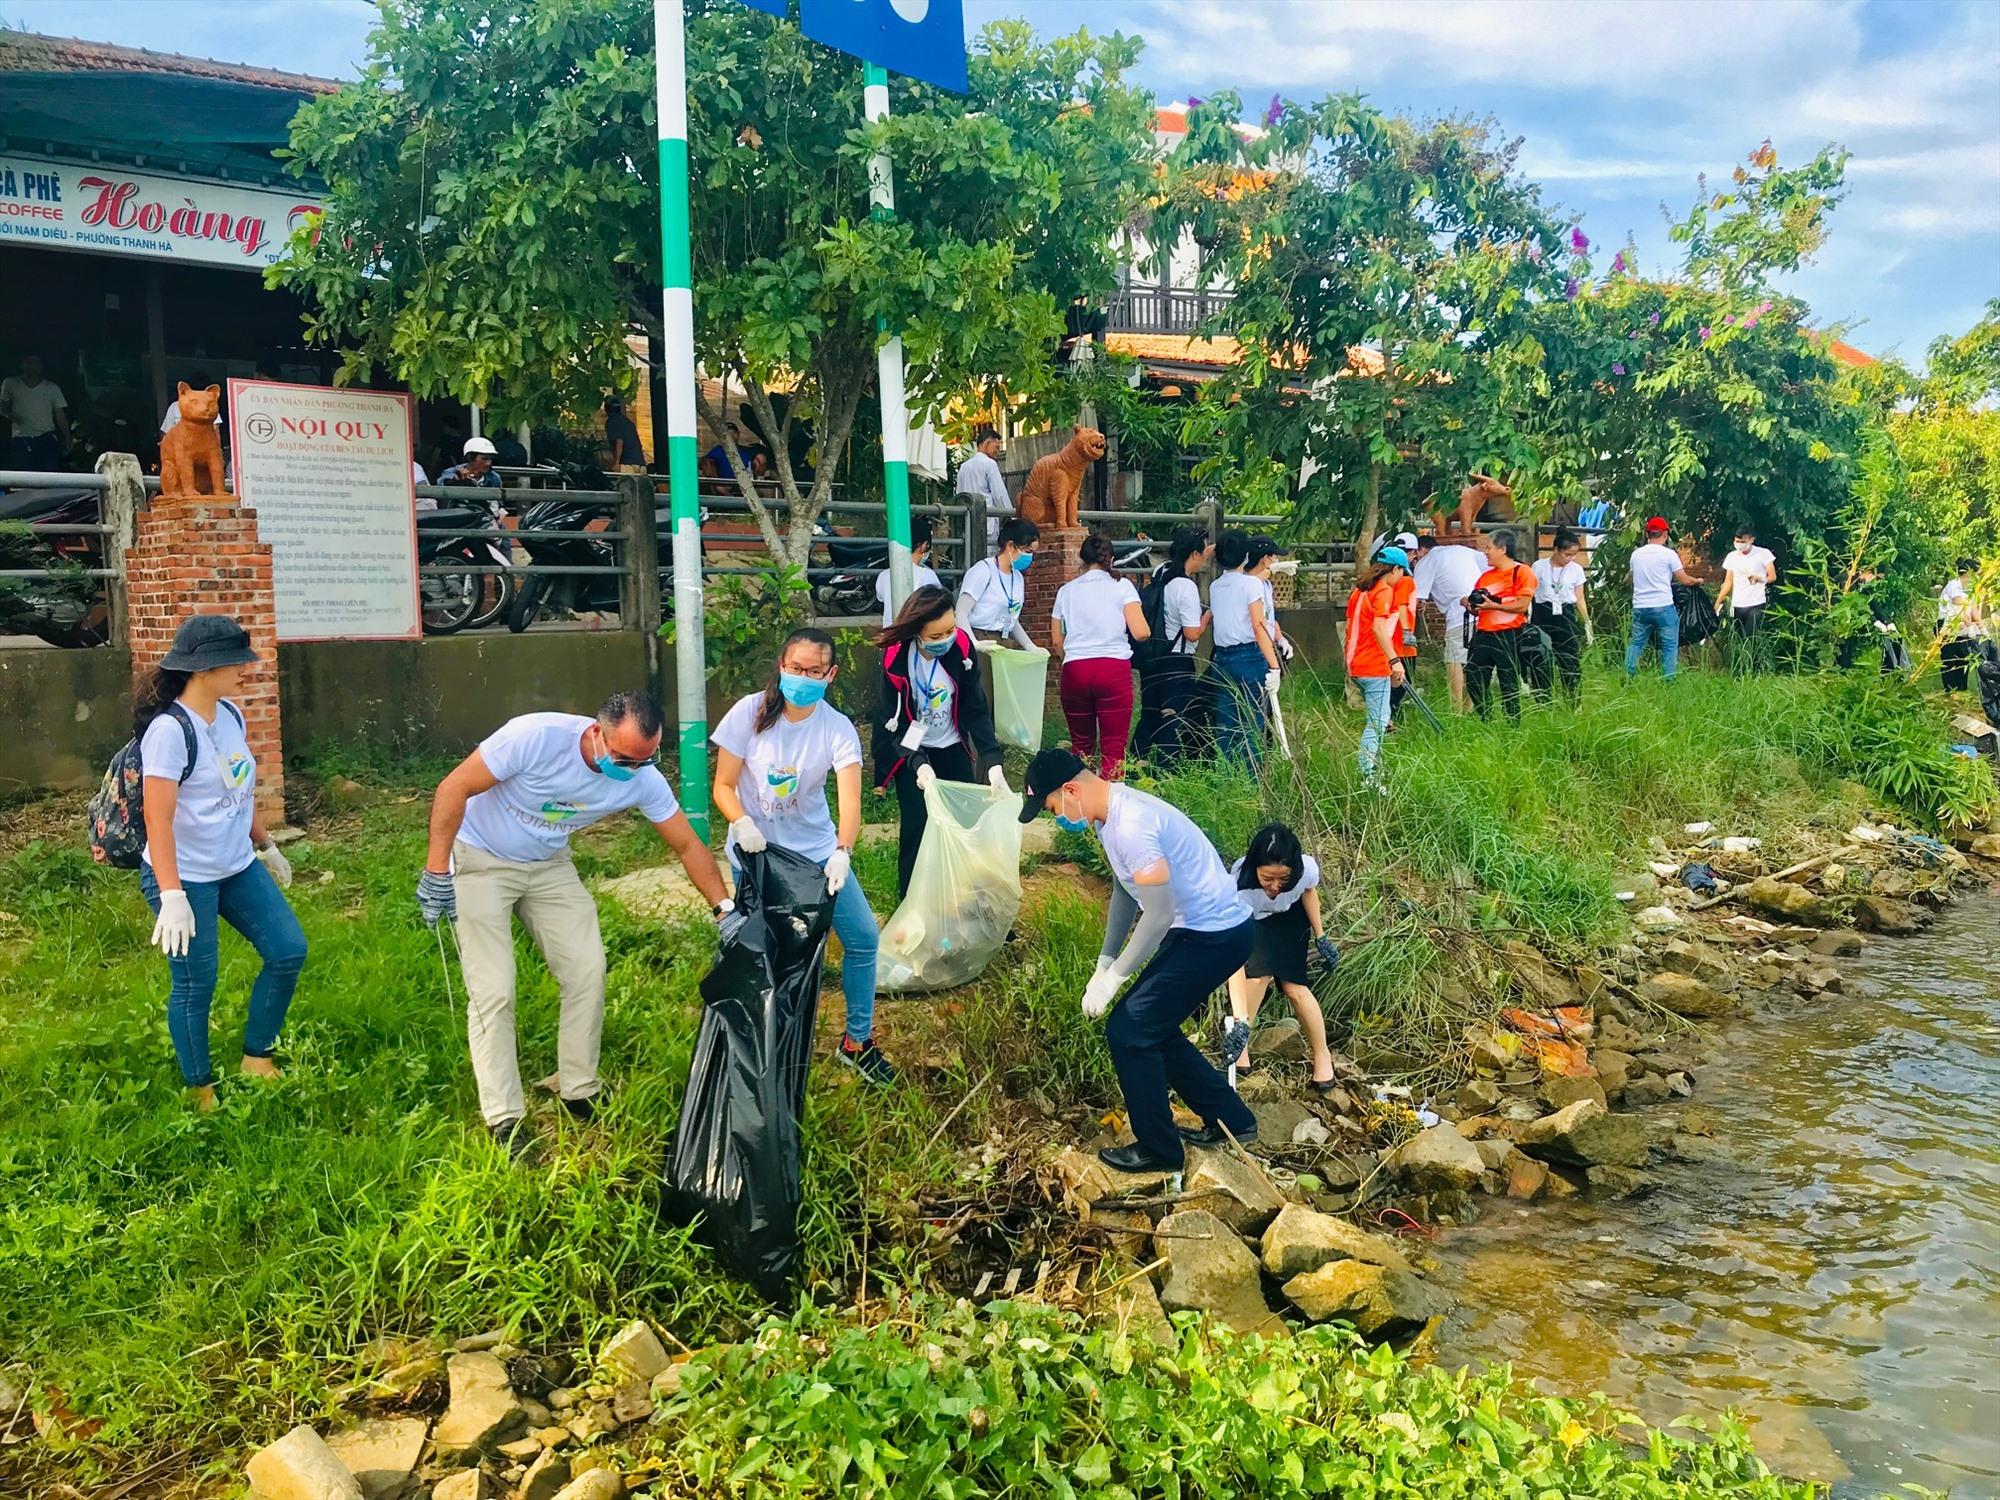 Hoạt động dọn rác, làm sạch môi trường cho điểm đến làng gốm Thanh Hà (Hội An). Ảnh: T.L